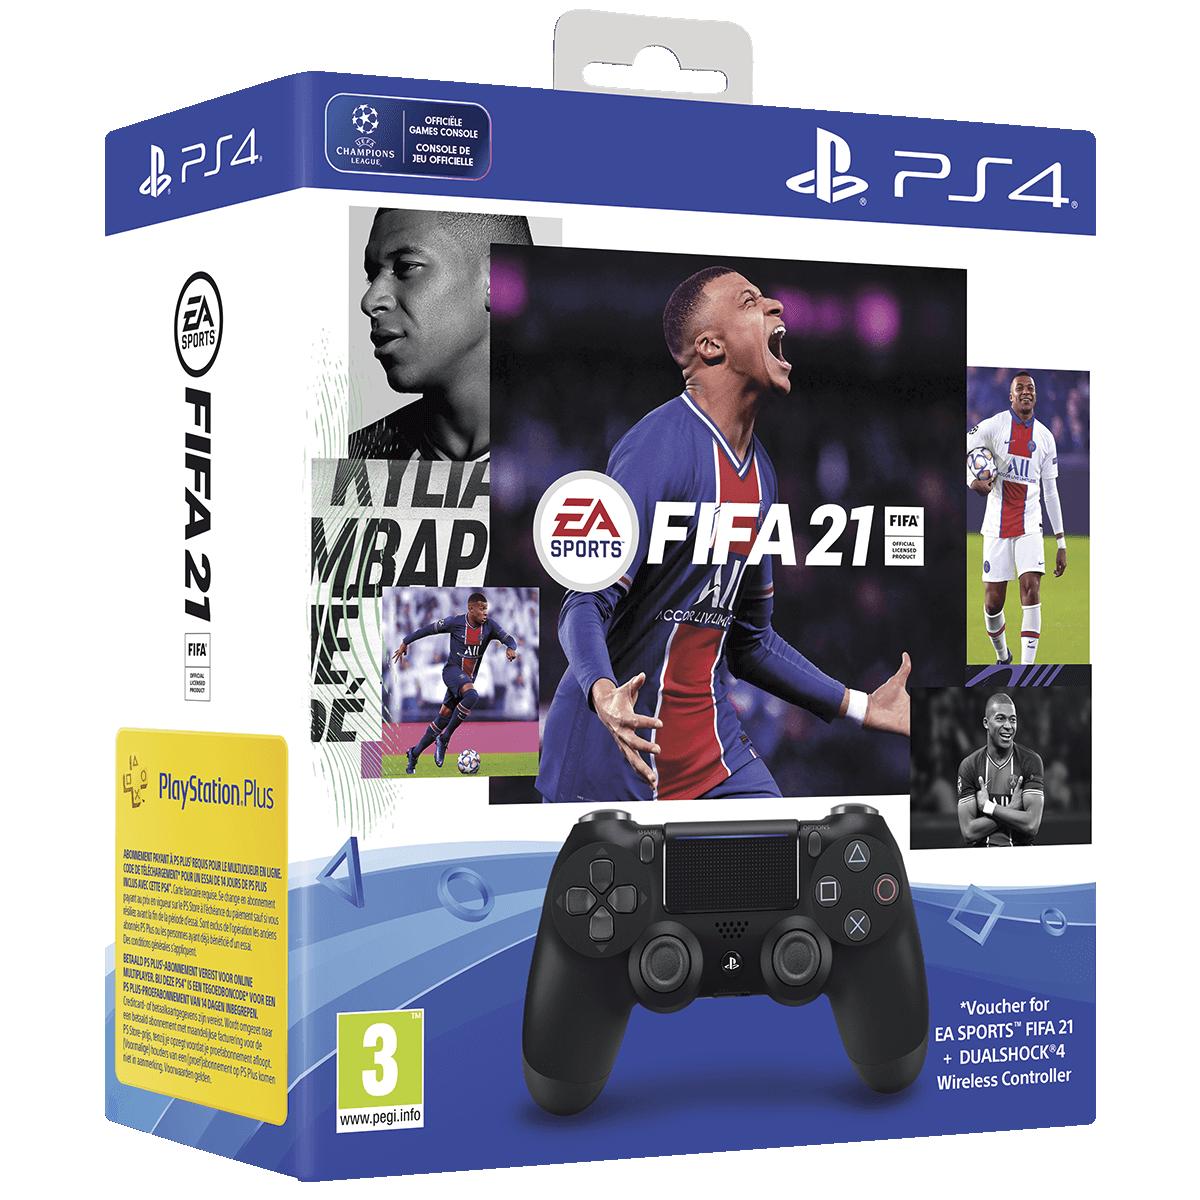 Afbeelding van FIFA 21 DS4-bundel